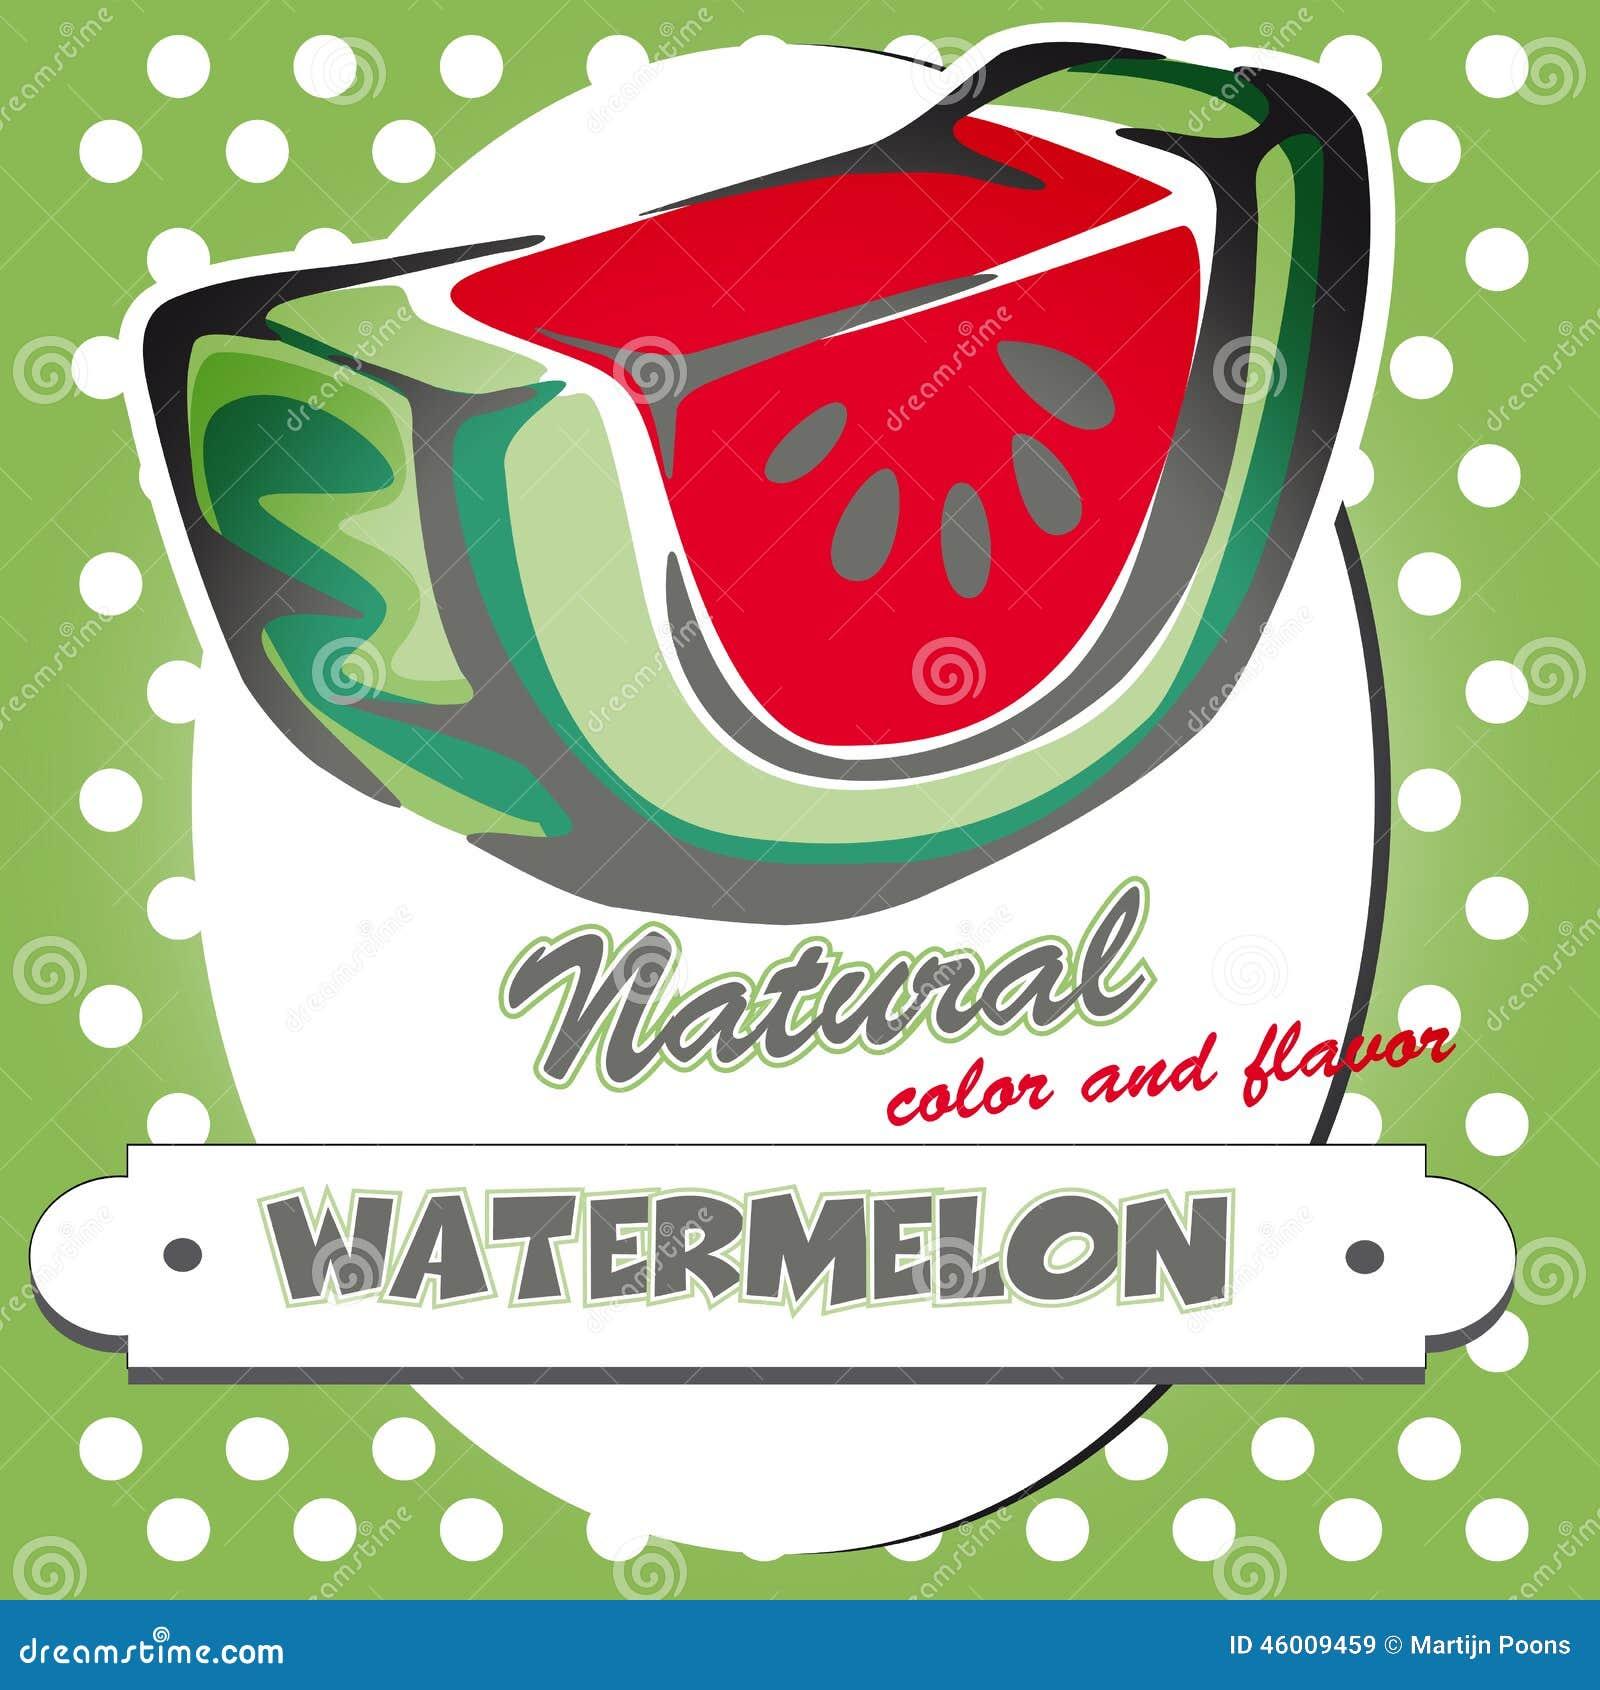 Retro Watermelon Poster Stock Vector - Image: 46009459